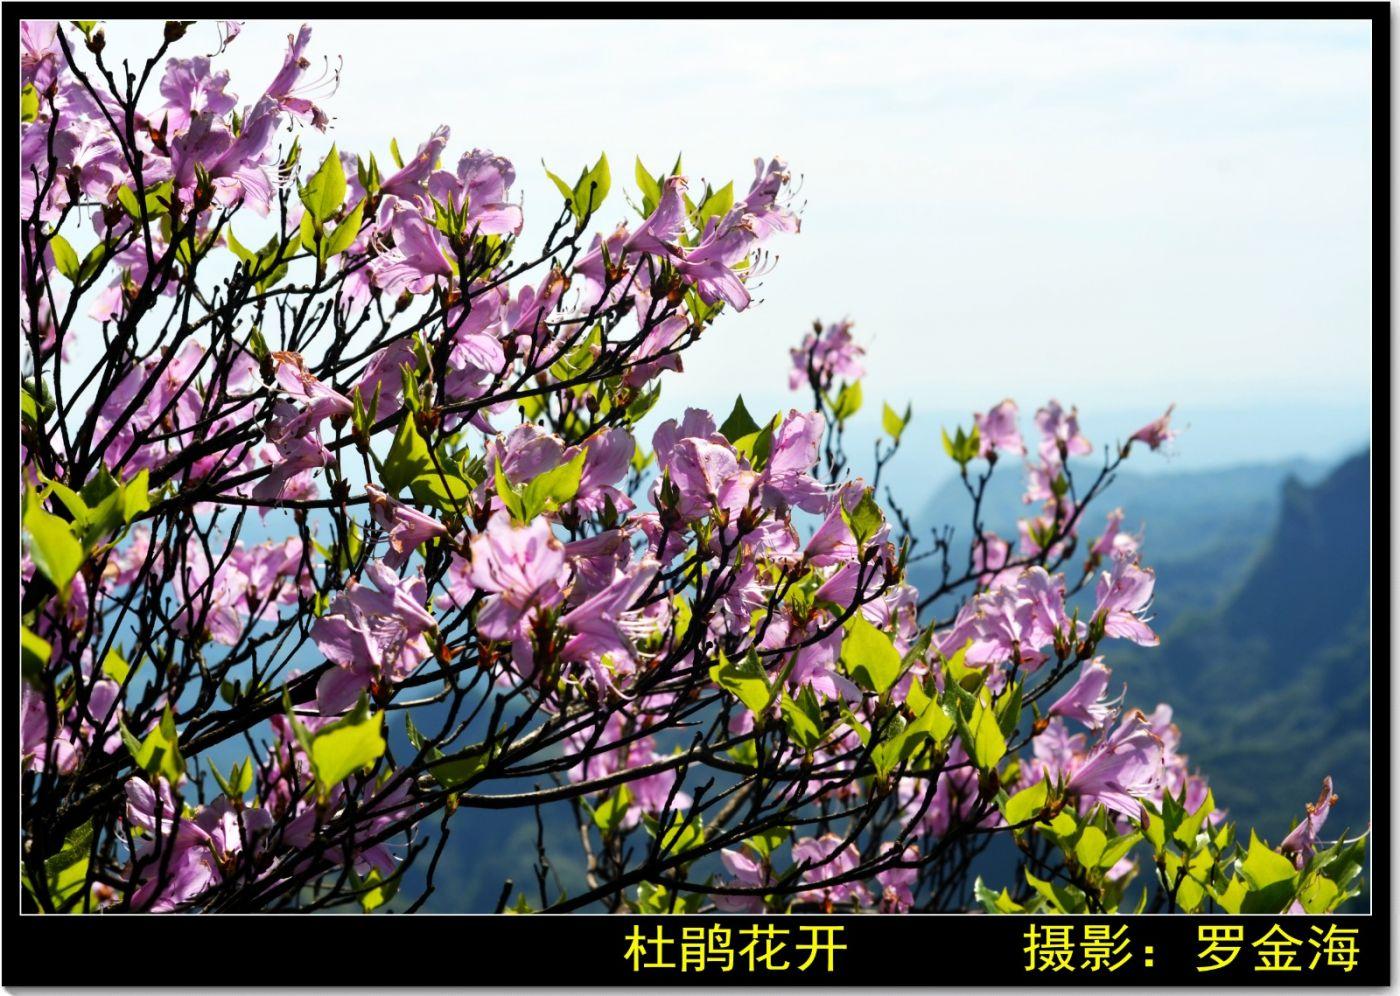 金仙寺游记·七律(上)_图1-26